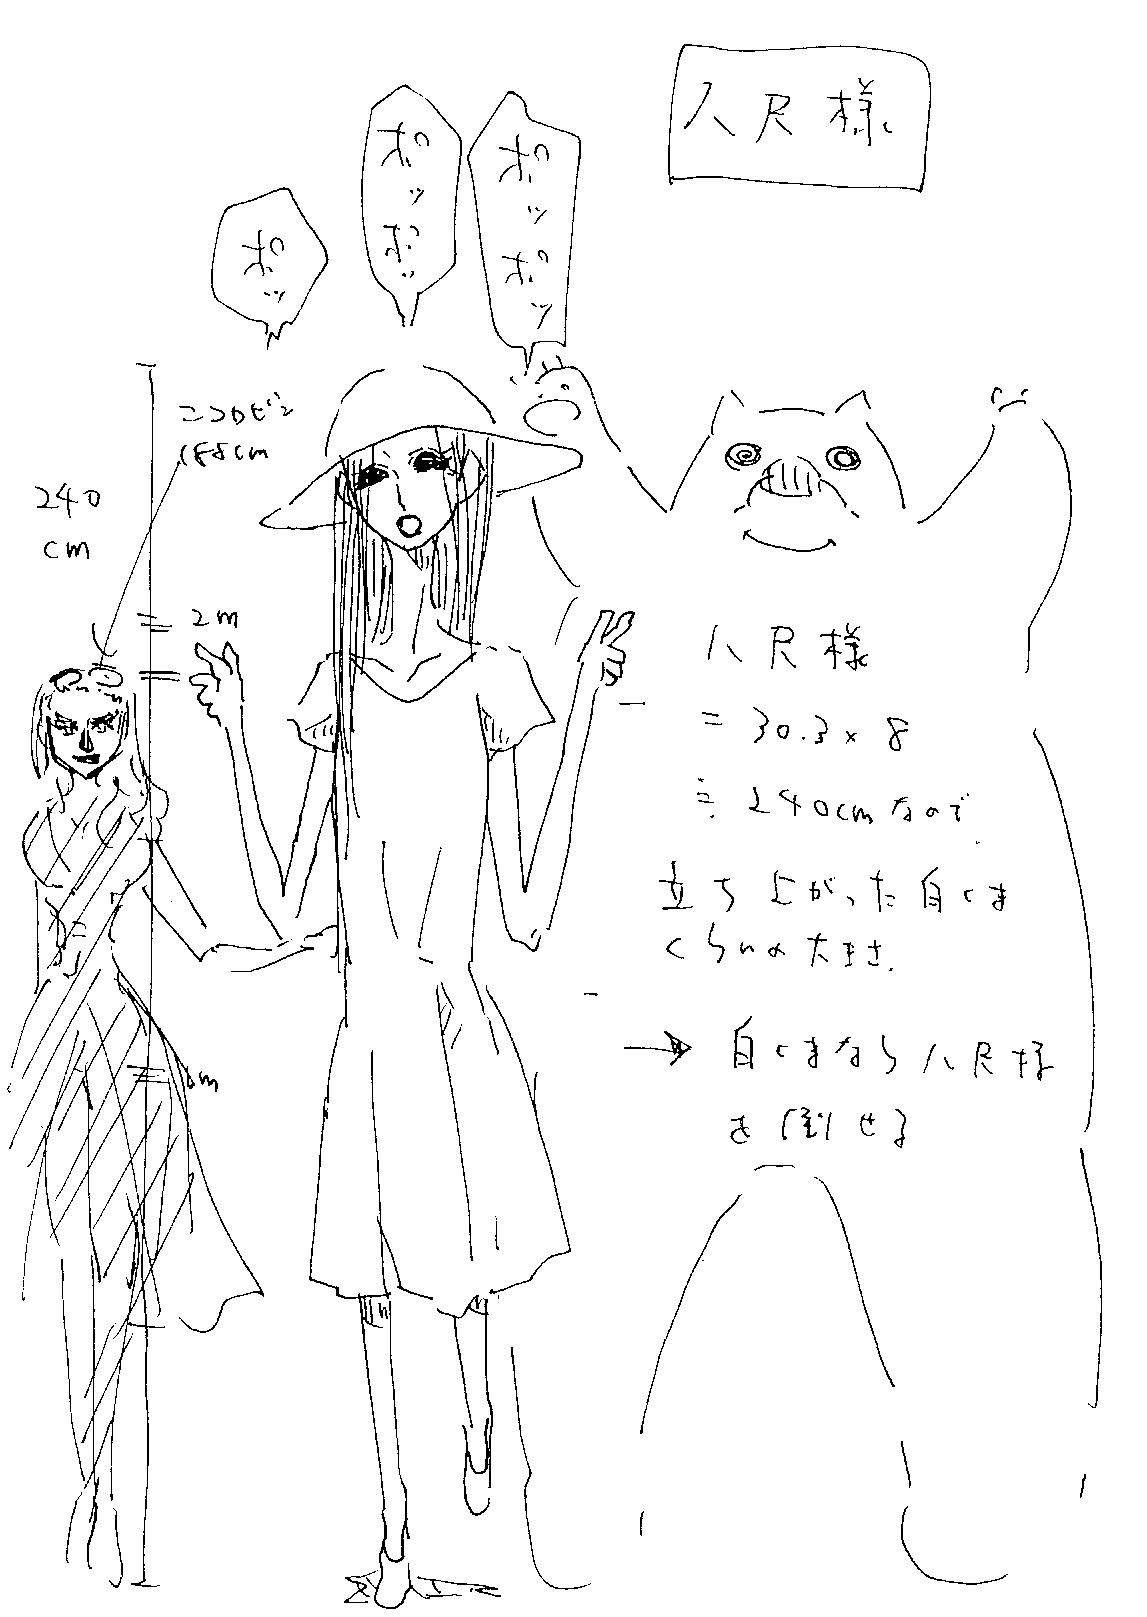 f:id:orangestar:20161004180842p:plain:w600